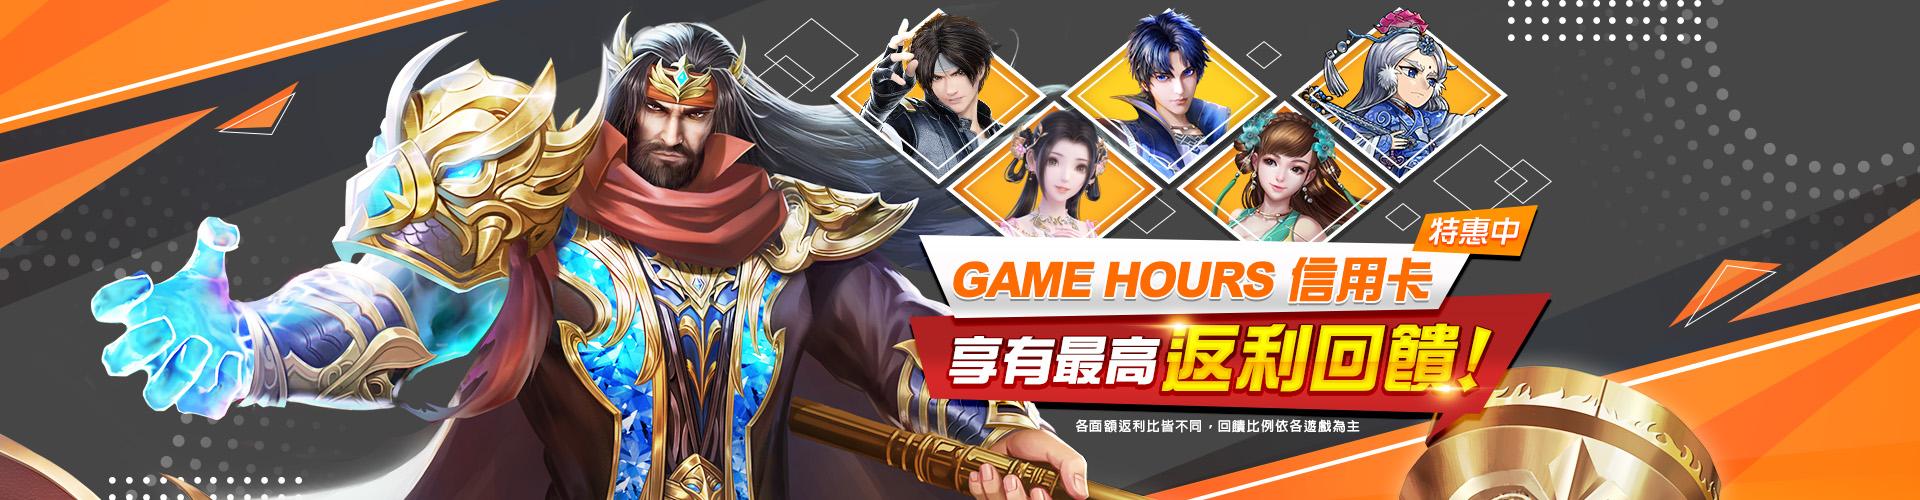 《GAME HOURS》信用卡(特惠中)享有最高返利回饋!